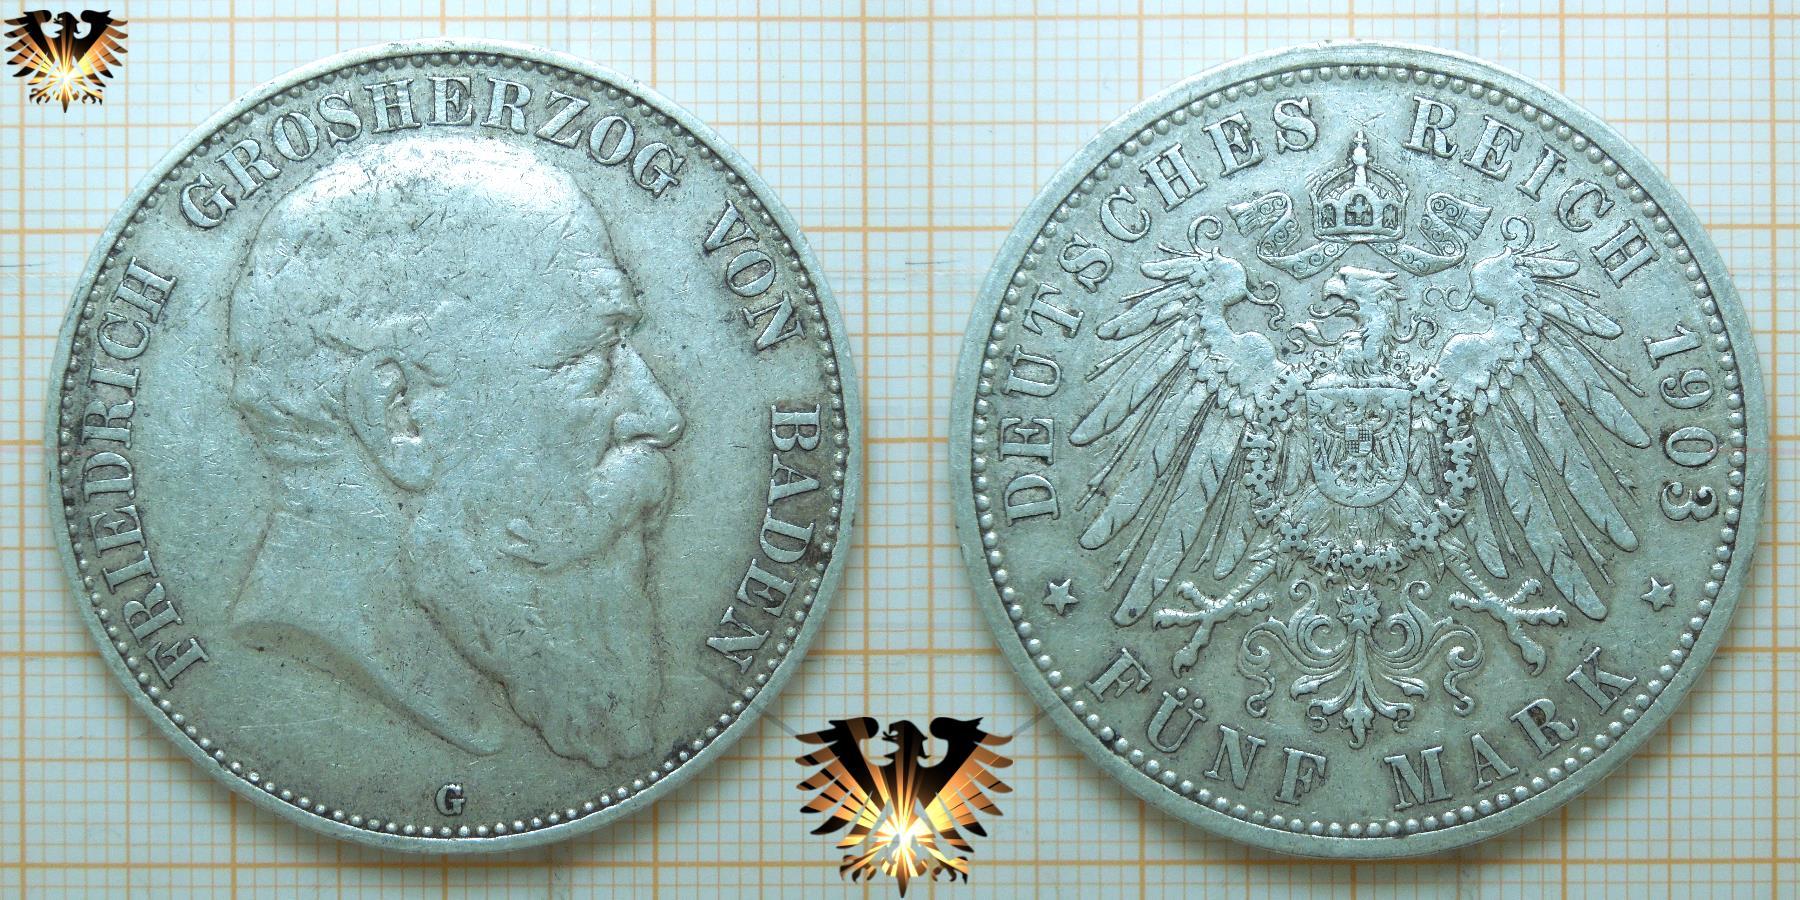 5 Mark Baden Silbermünze Deutsches Reich 1903 G Grosherzog Friedrich